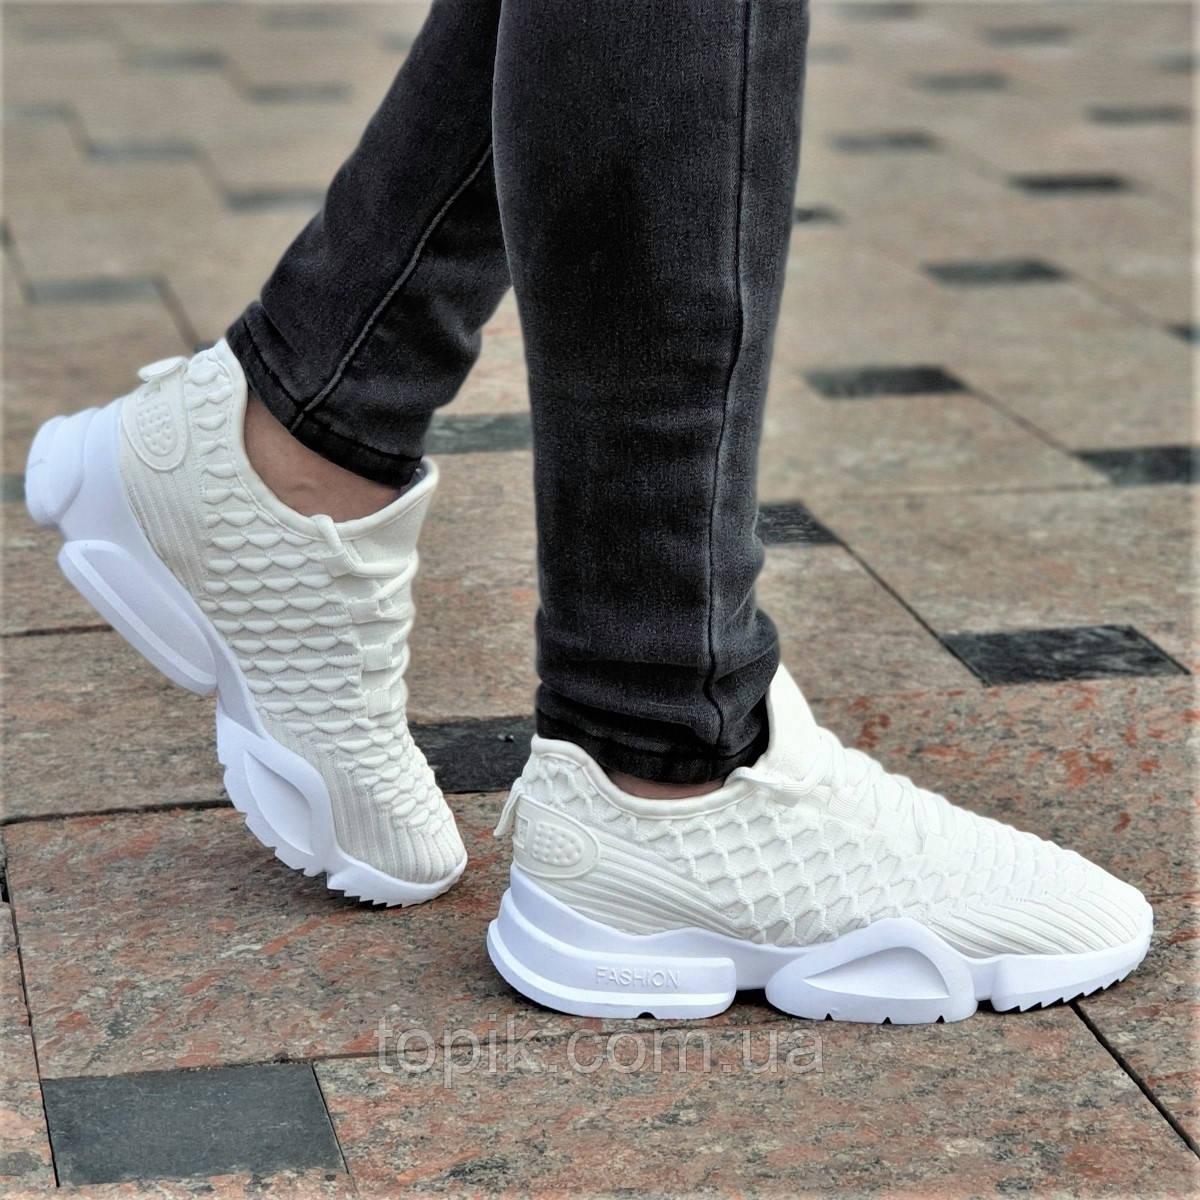 7549d07a5 Крутые женские кроссовки бежевые на весну лето мягкие, легкая белая подошва  (Код: 1355а